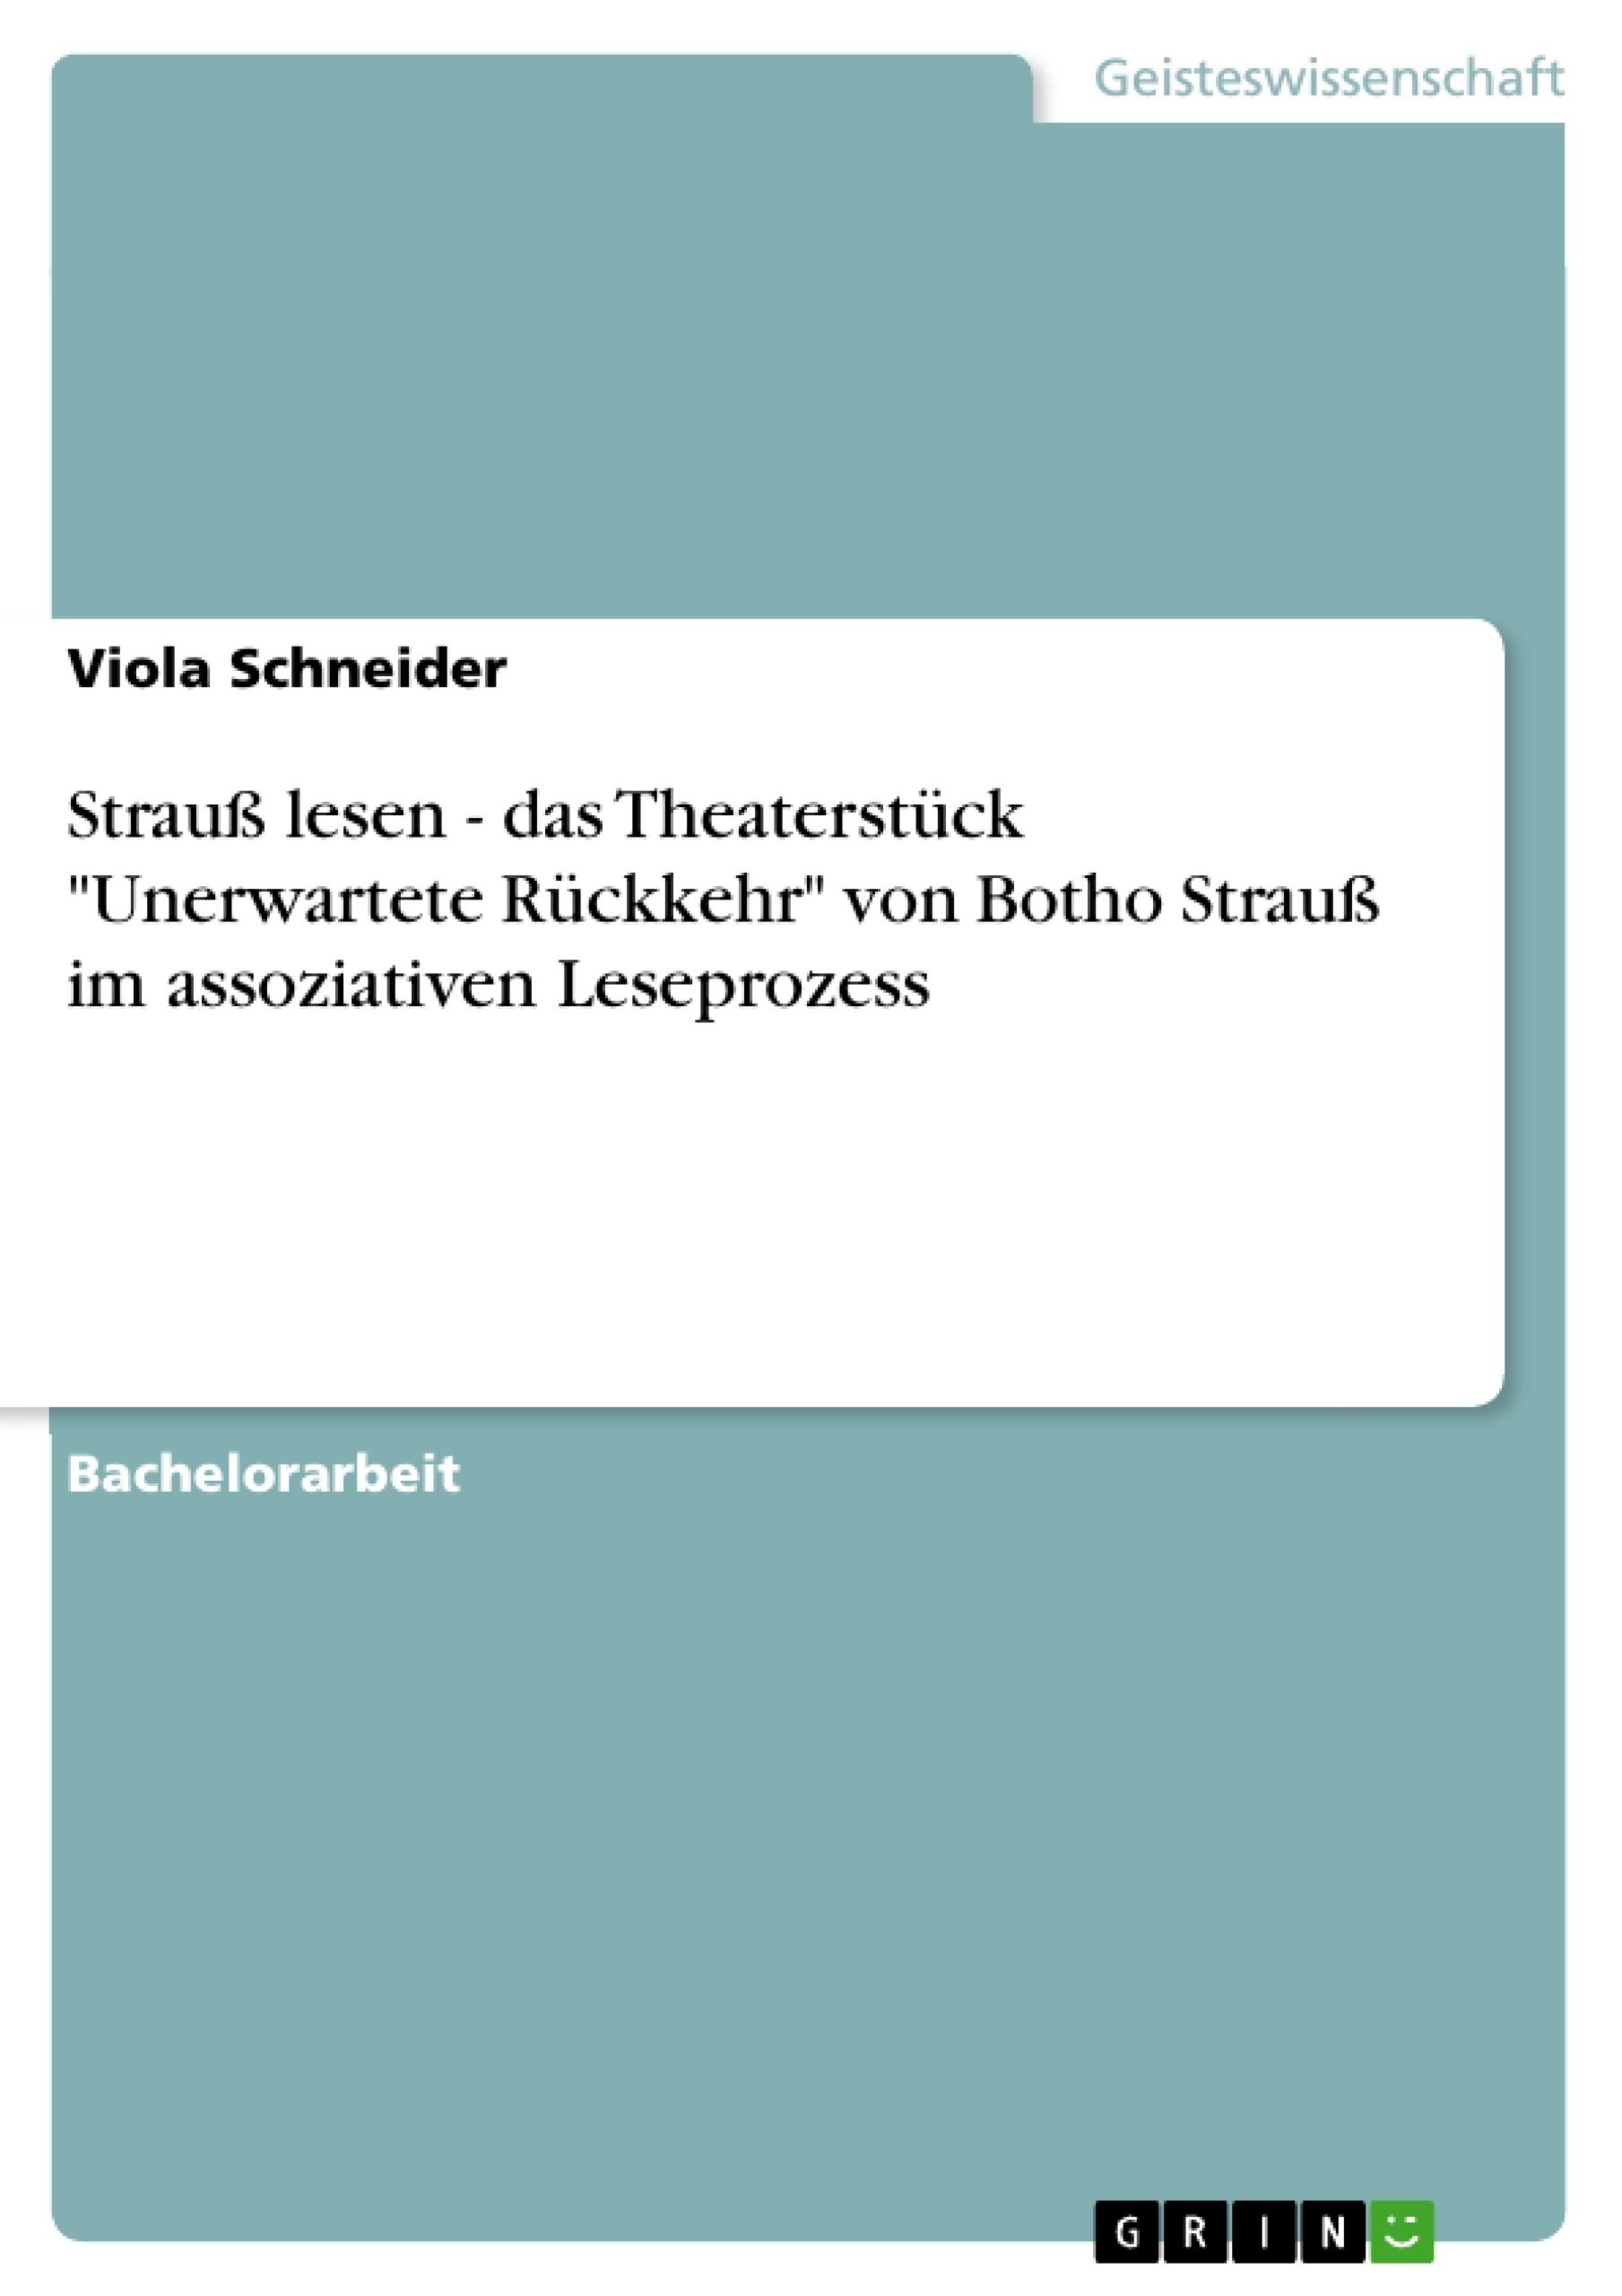 """Titel: Strauß lesen - das Theaterstück """"Unerwartete Rückkehr"""" von Botho Strauß im assoziativen Leseprozess"""